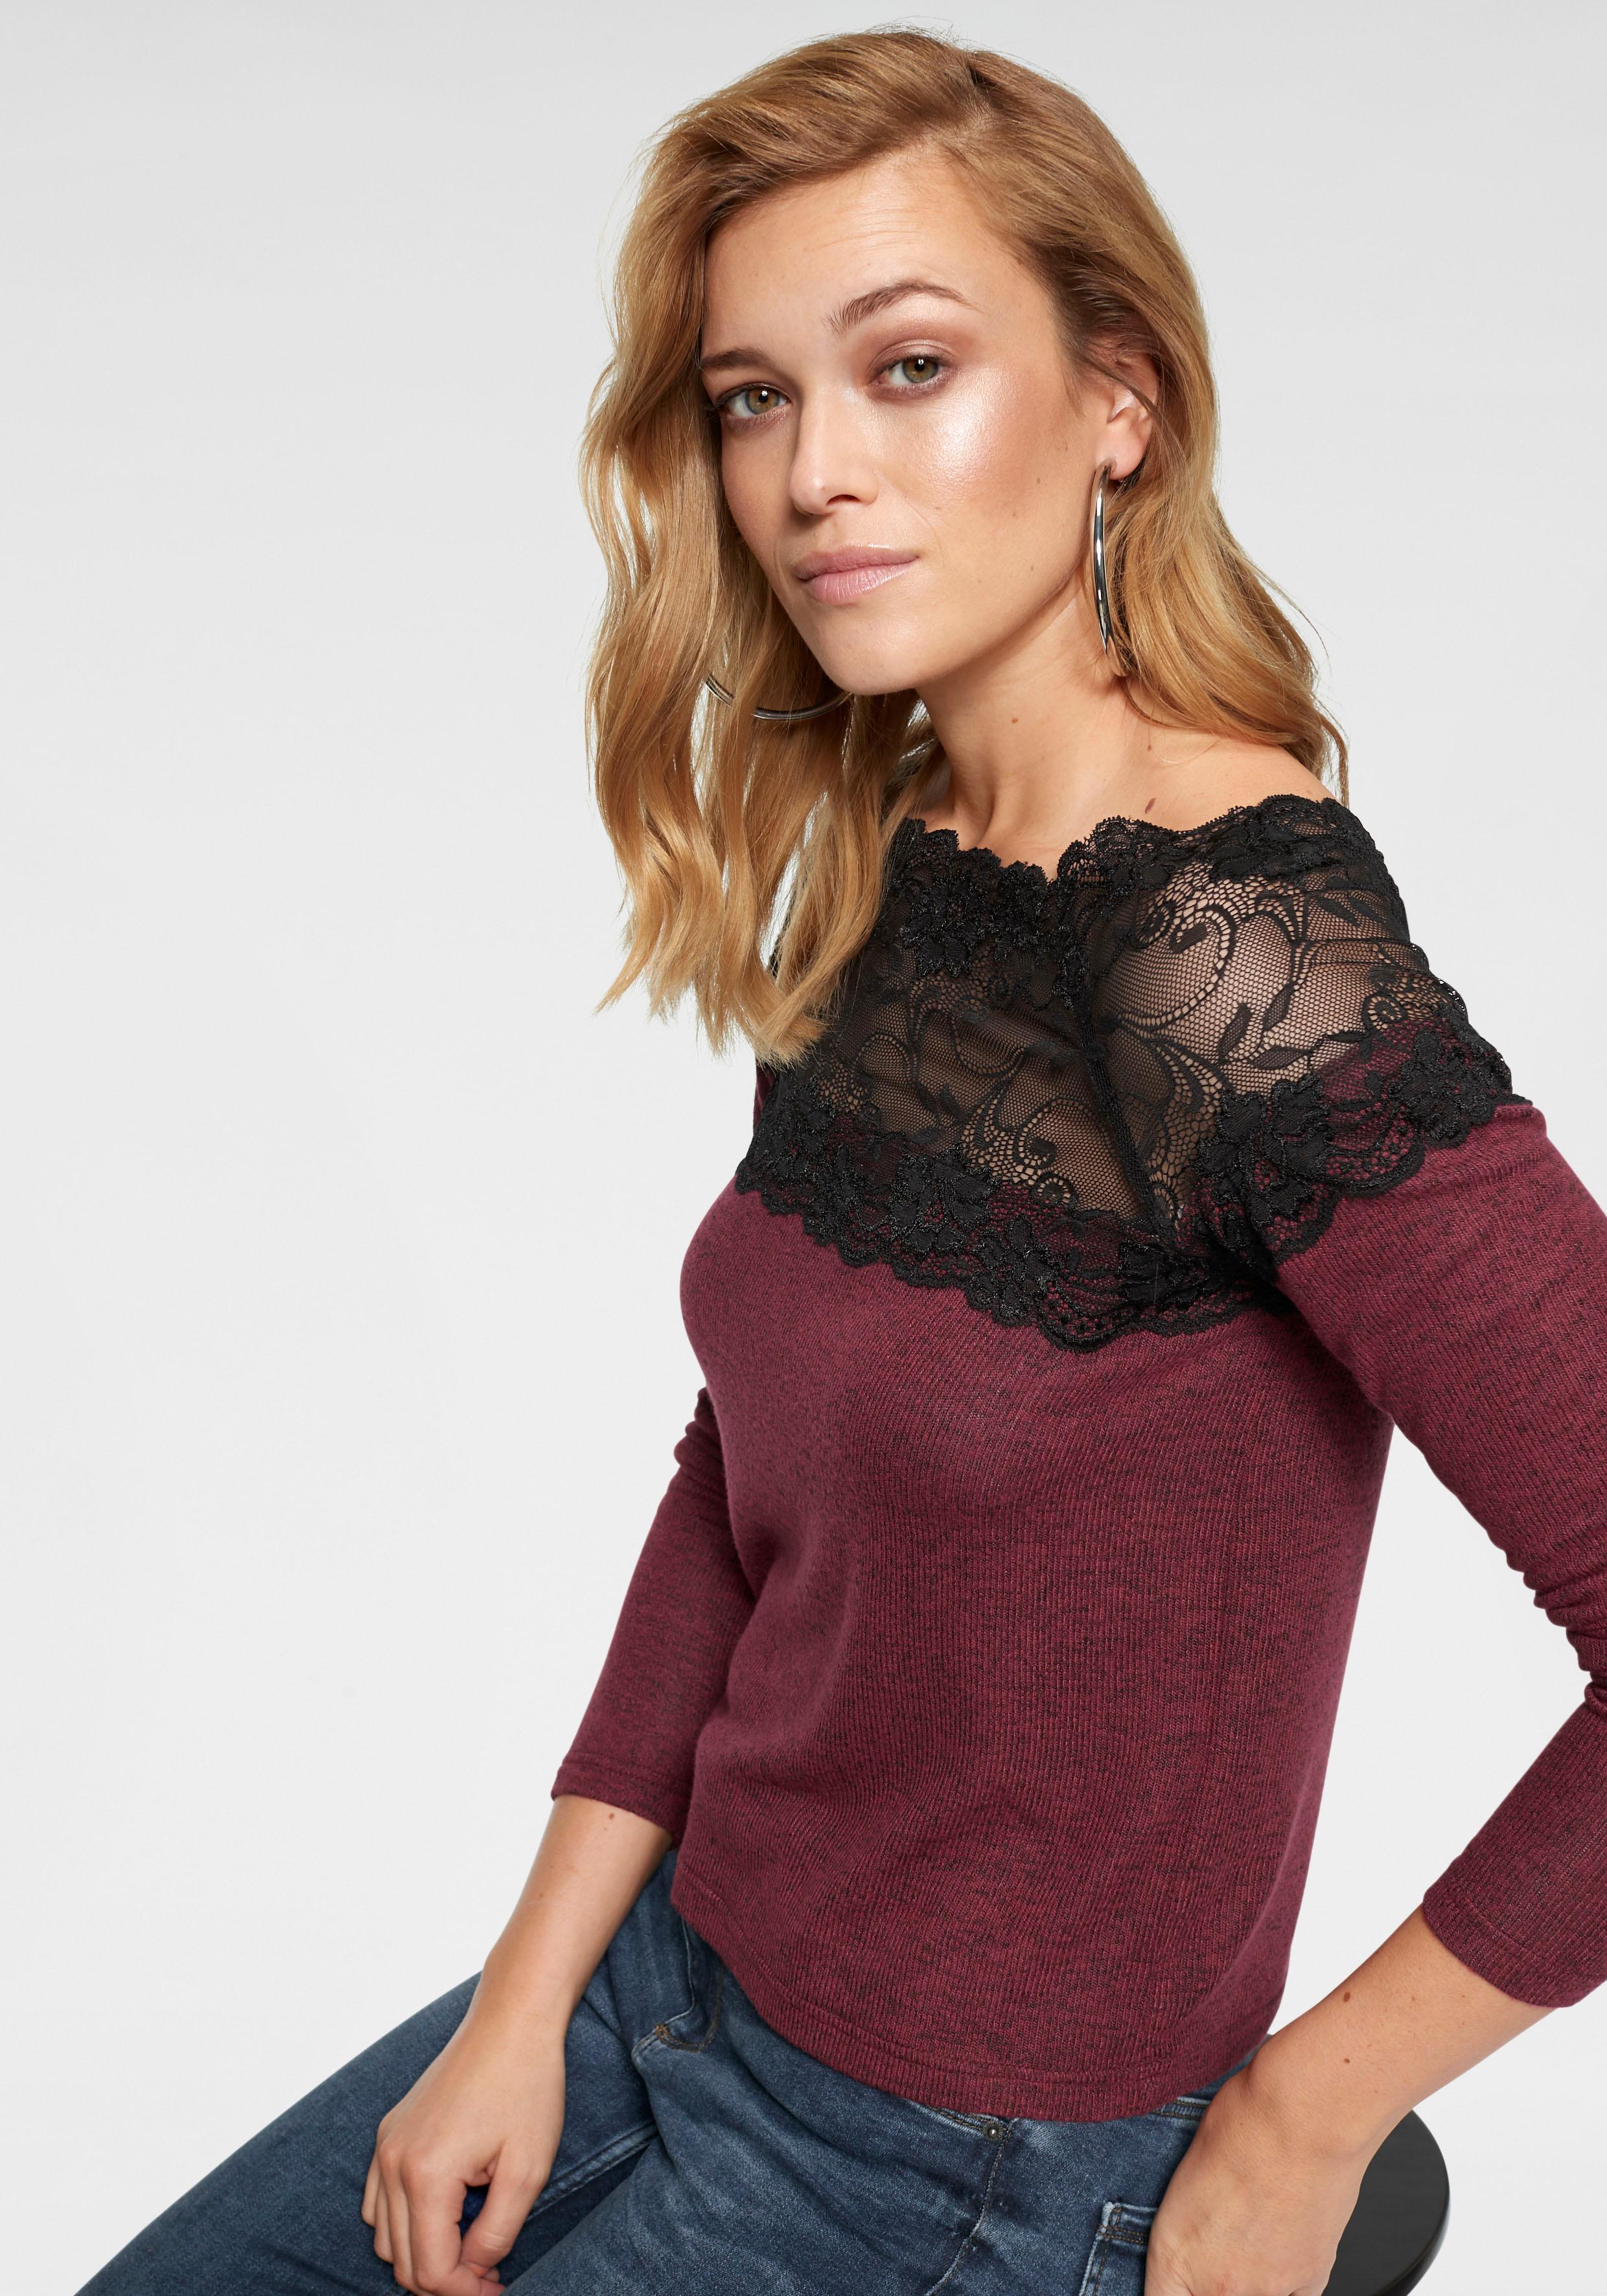 Vero Moda Carmenpullover VMCIMA   Bekleidung > Pullover > Carmenpullover   Rot   Vero Moda